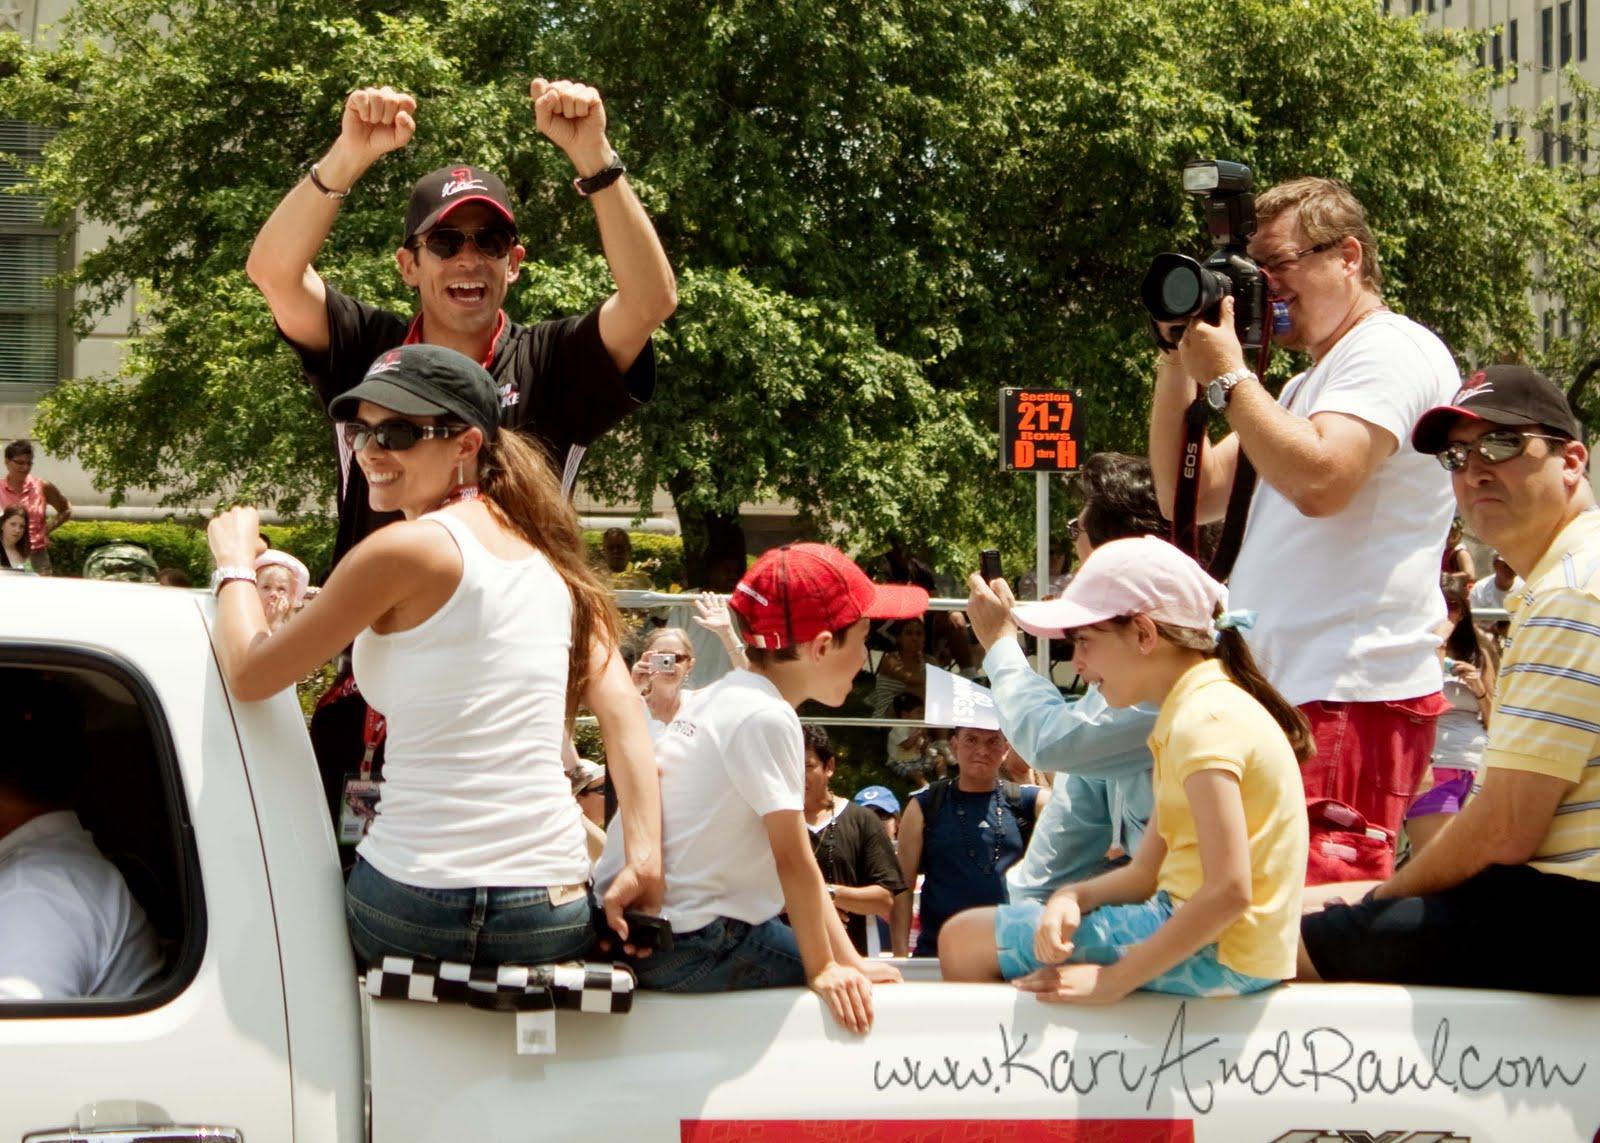 http://4.bp.blogspot.com/_fzCLVYEfH_U/TAW2FN3YpDI/AAAAAAAAA9k/AdKiFzjLNCE/s1600/Indy5006.jpg